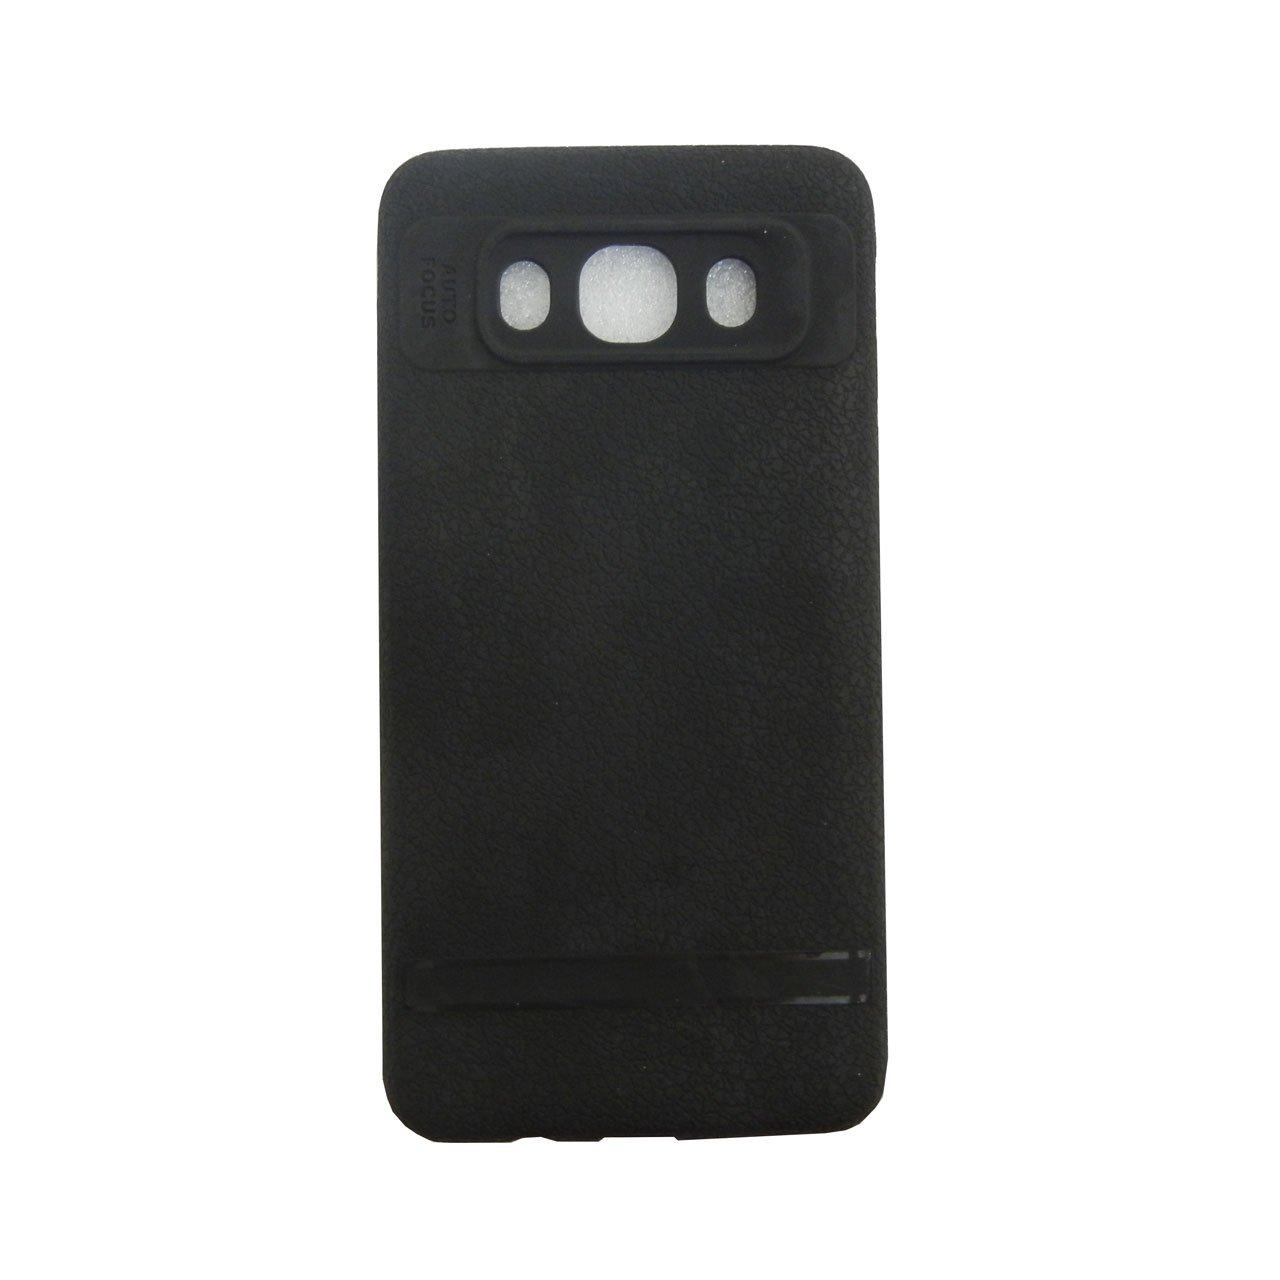 کاور موبایل مناسب برای سامسونگ J510